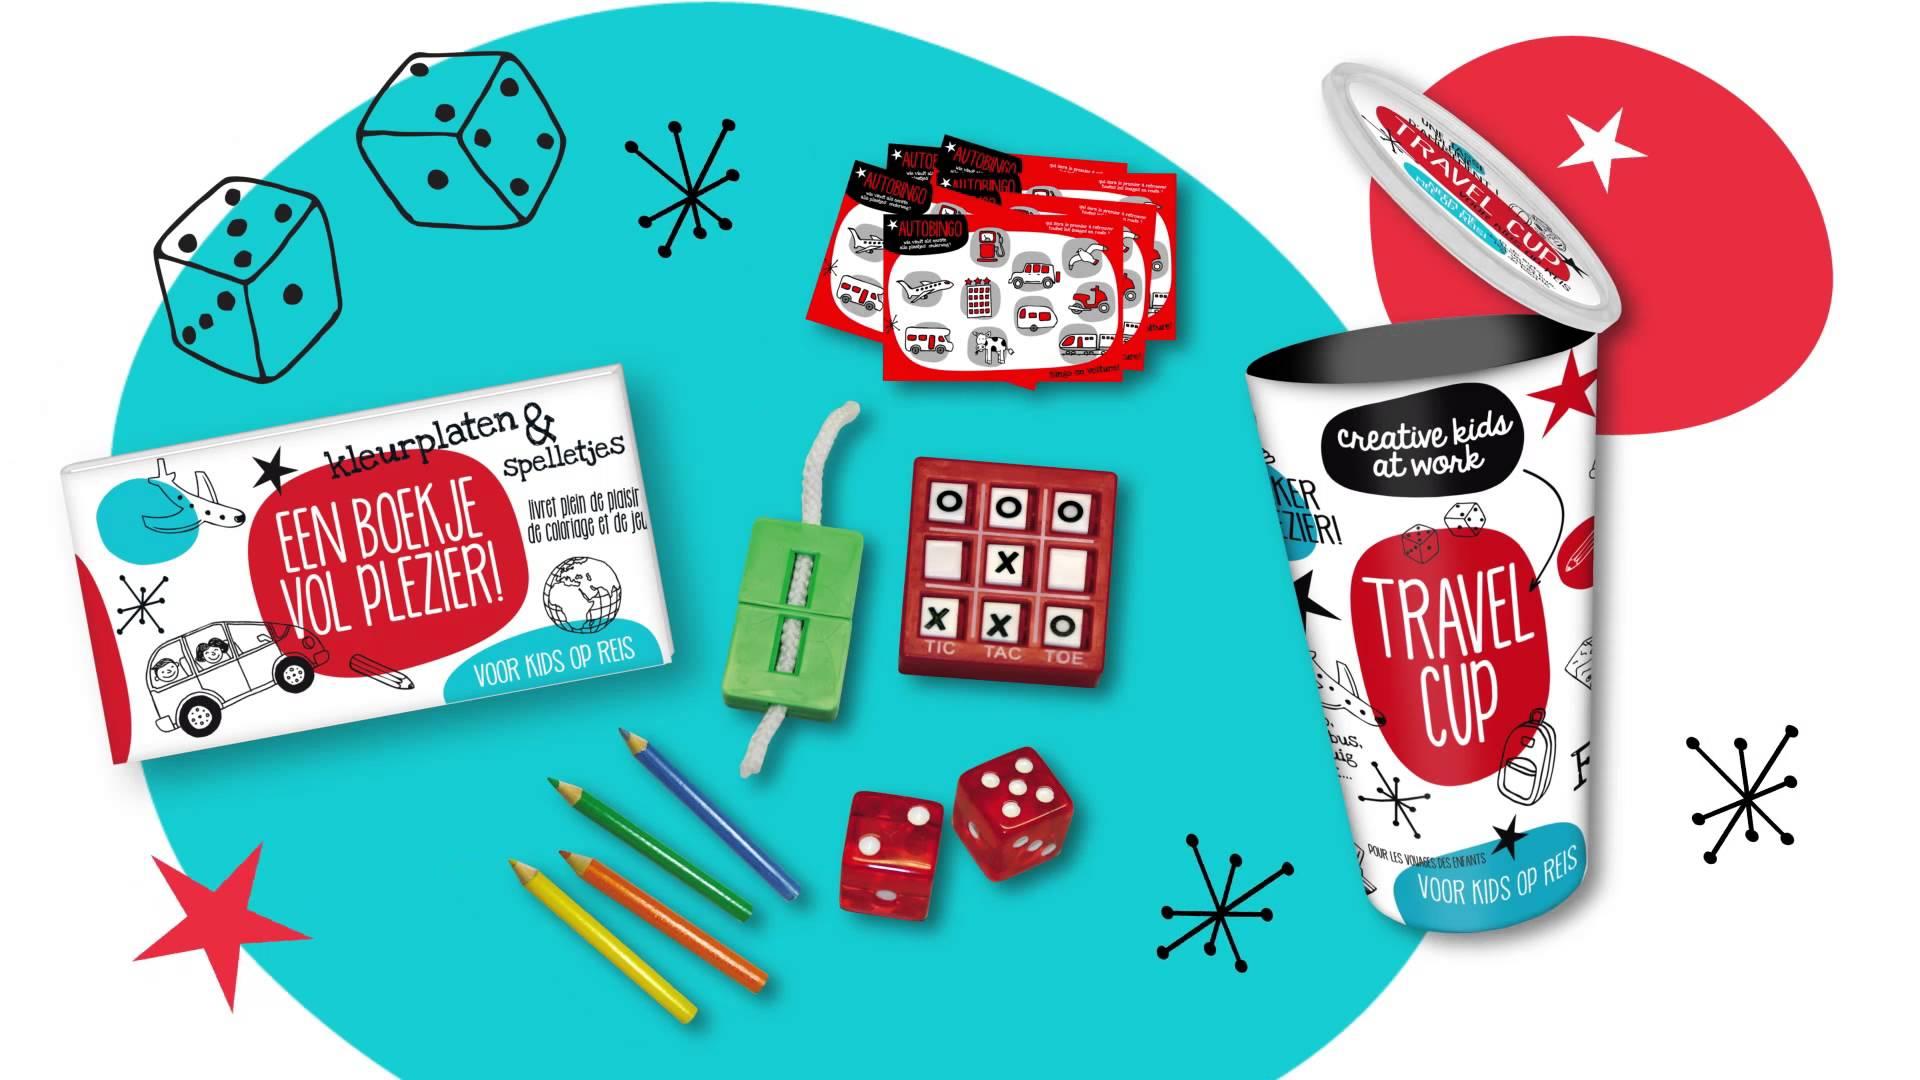 travel-cup-kids-op-reis-vermaak-onderweg-vermaken-spelletjes-achterbank-vliegtuig-auto-bus-trein-kinderen